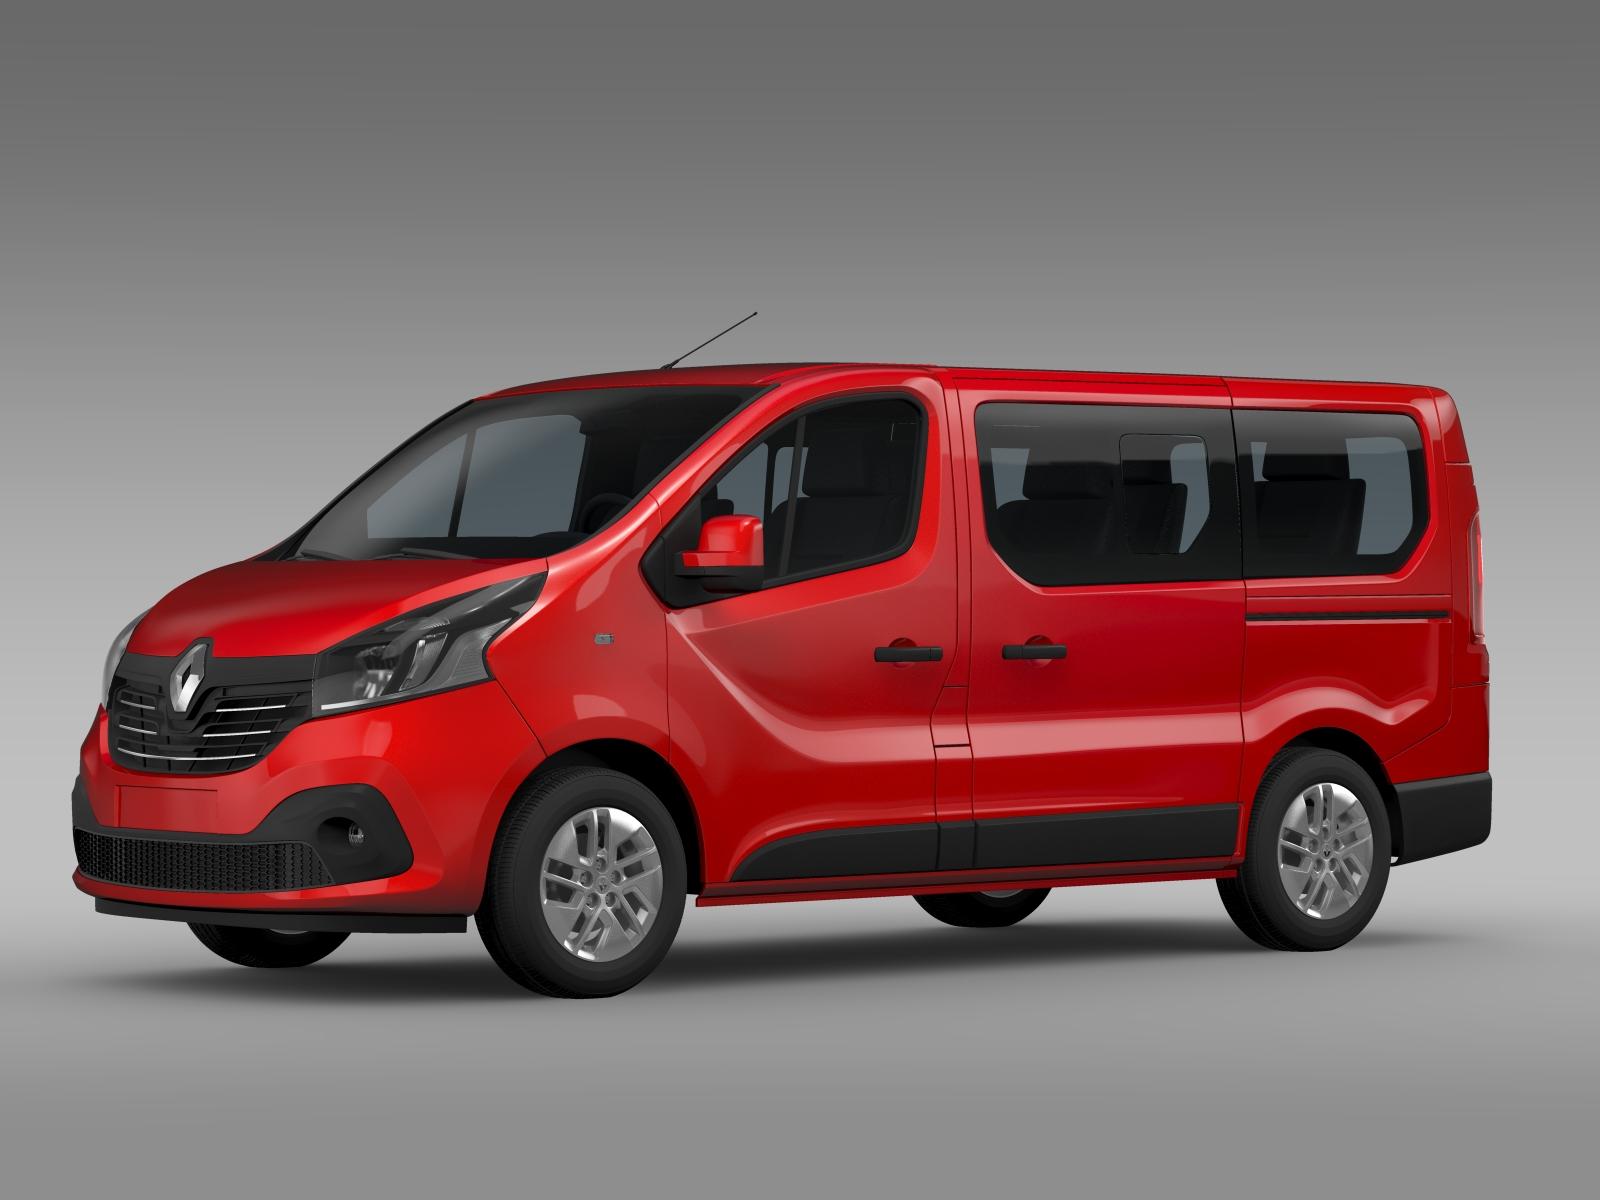 renault trafic minibus 2015 3d model buy renault trafic. Black Bedroom Furniture Sets. Home Design Ideas